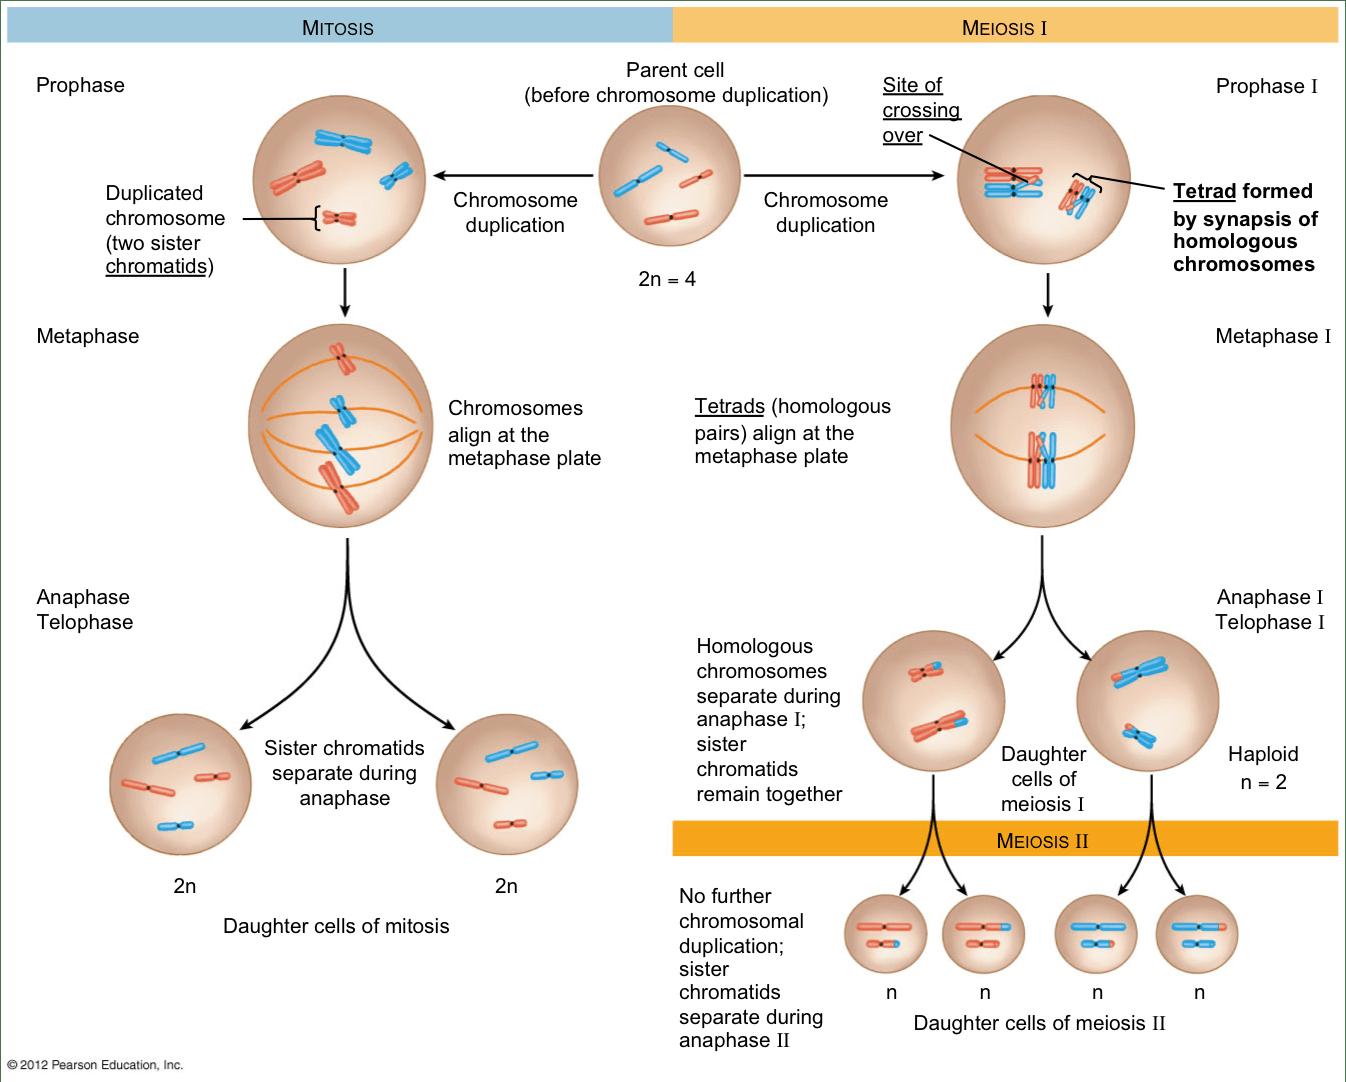 Meiosis Kaiserscience